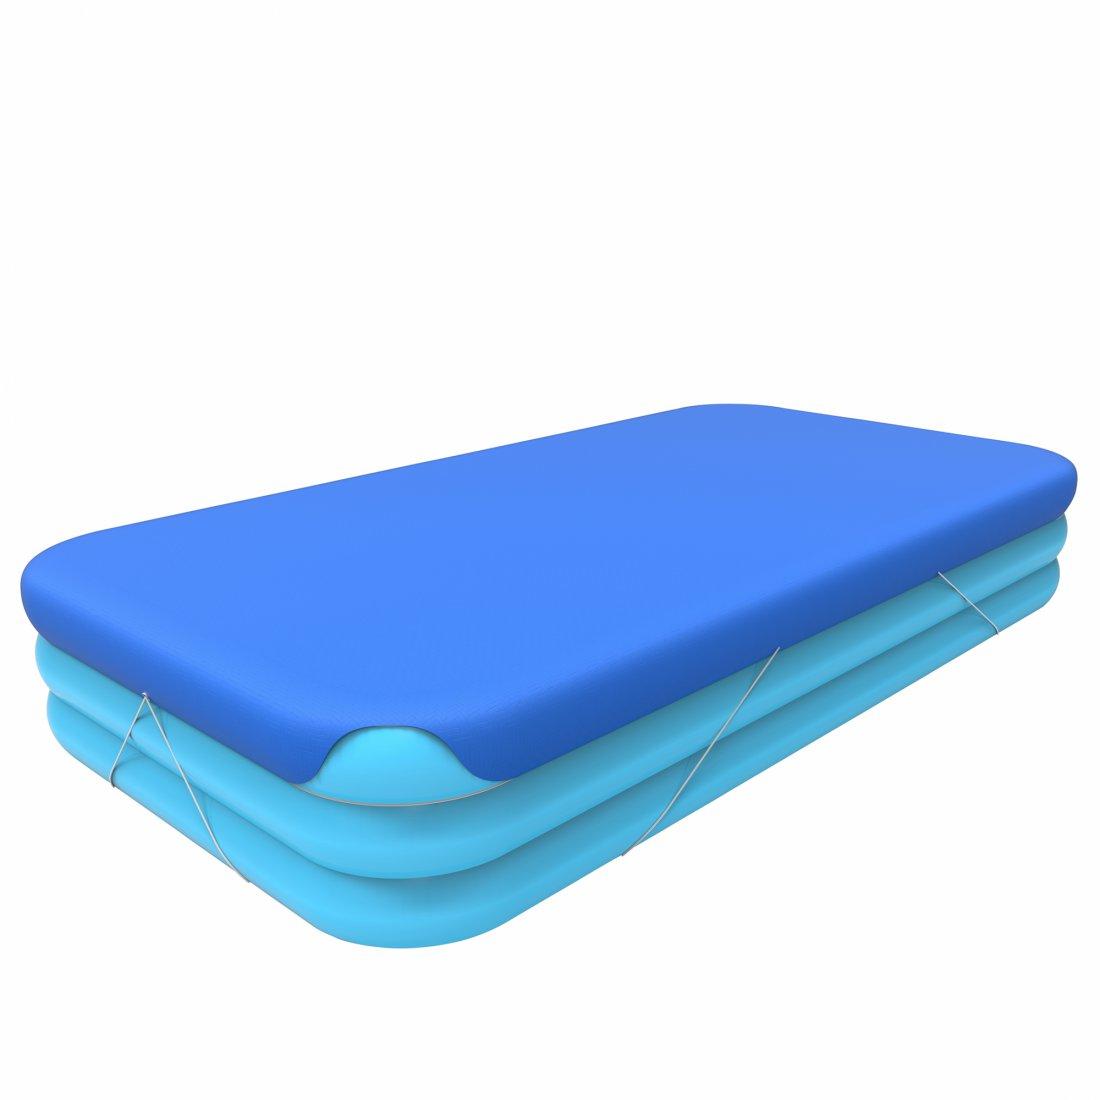 Achetez jilong pc giant 366 couverture de piscine pour for Acheter piscine pour chien